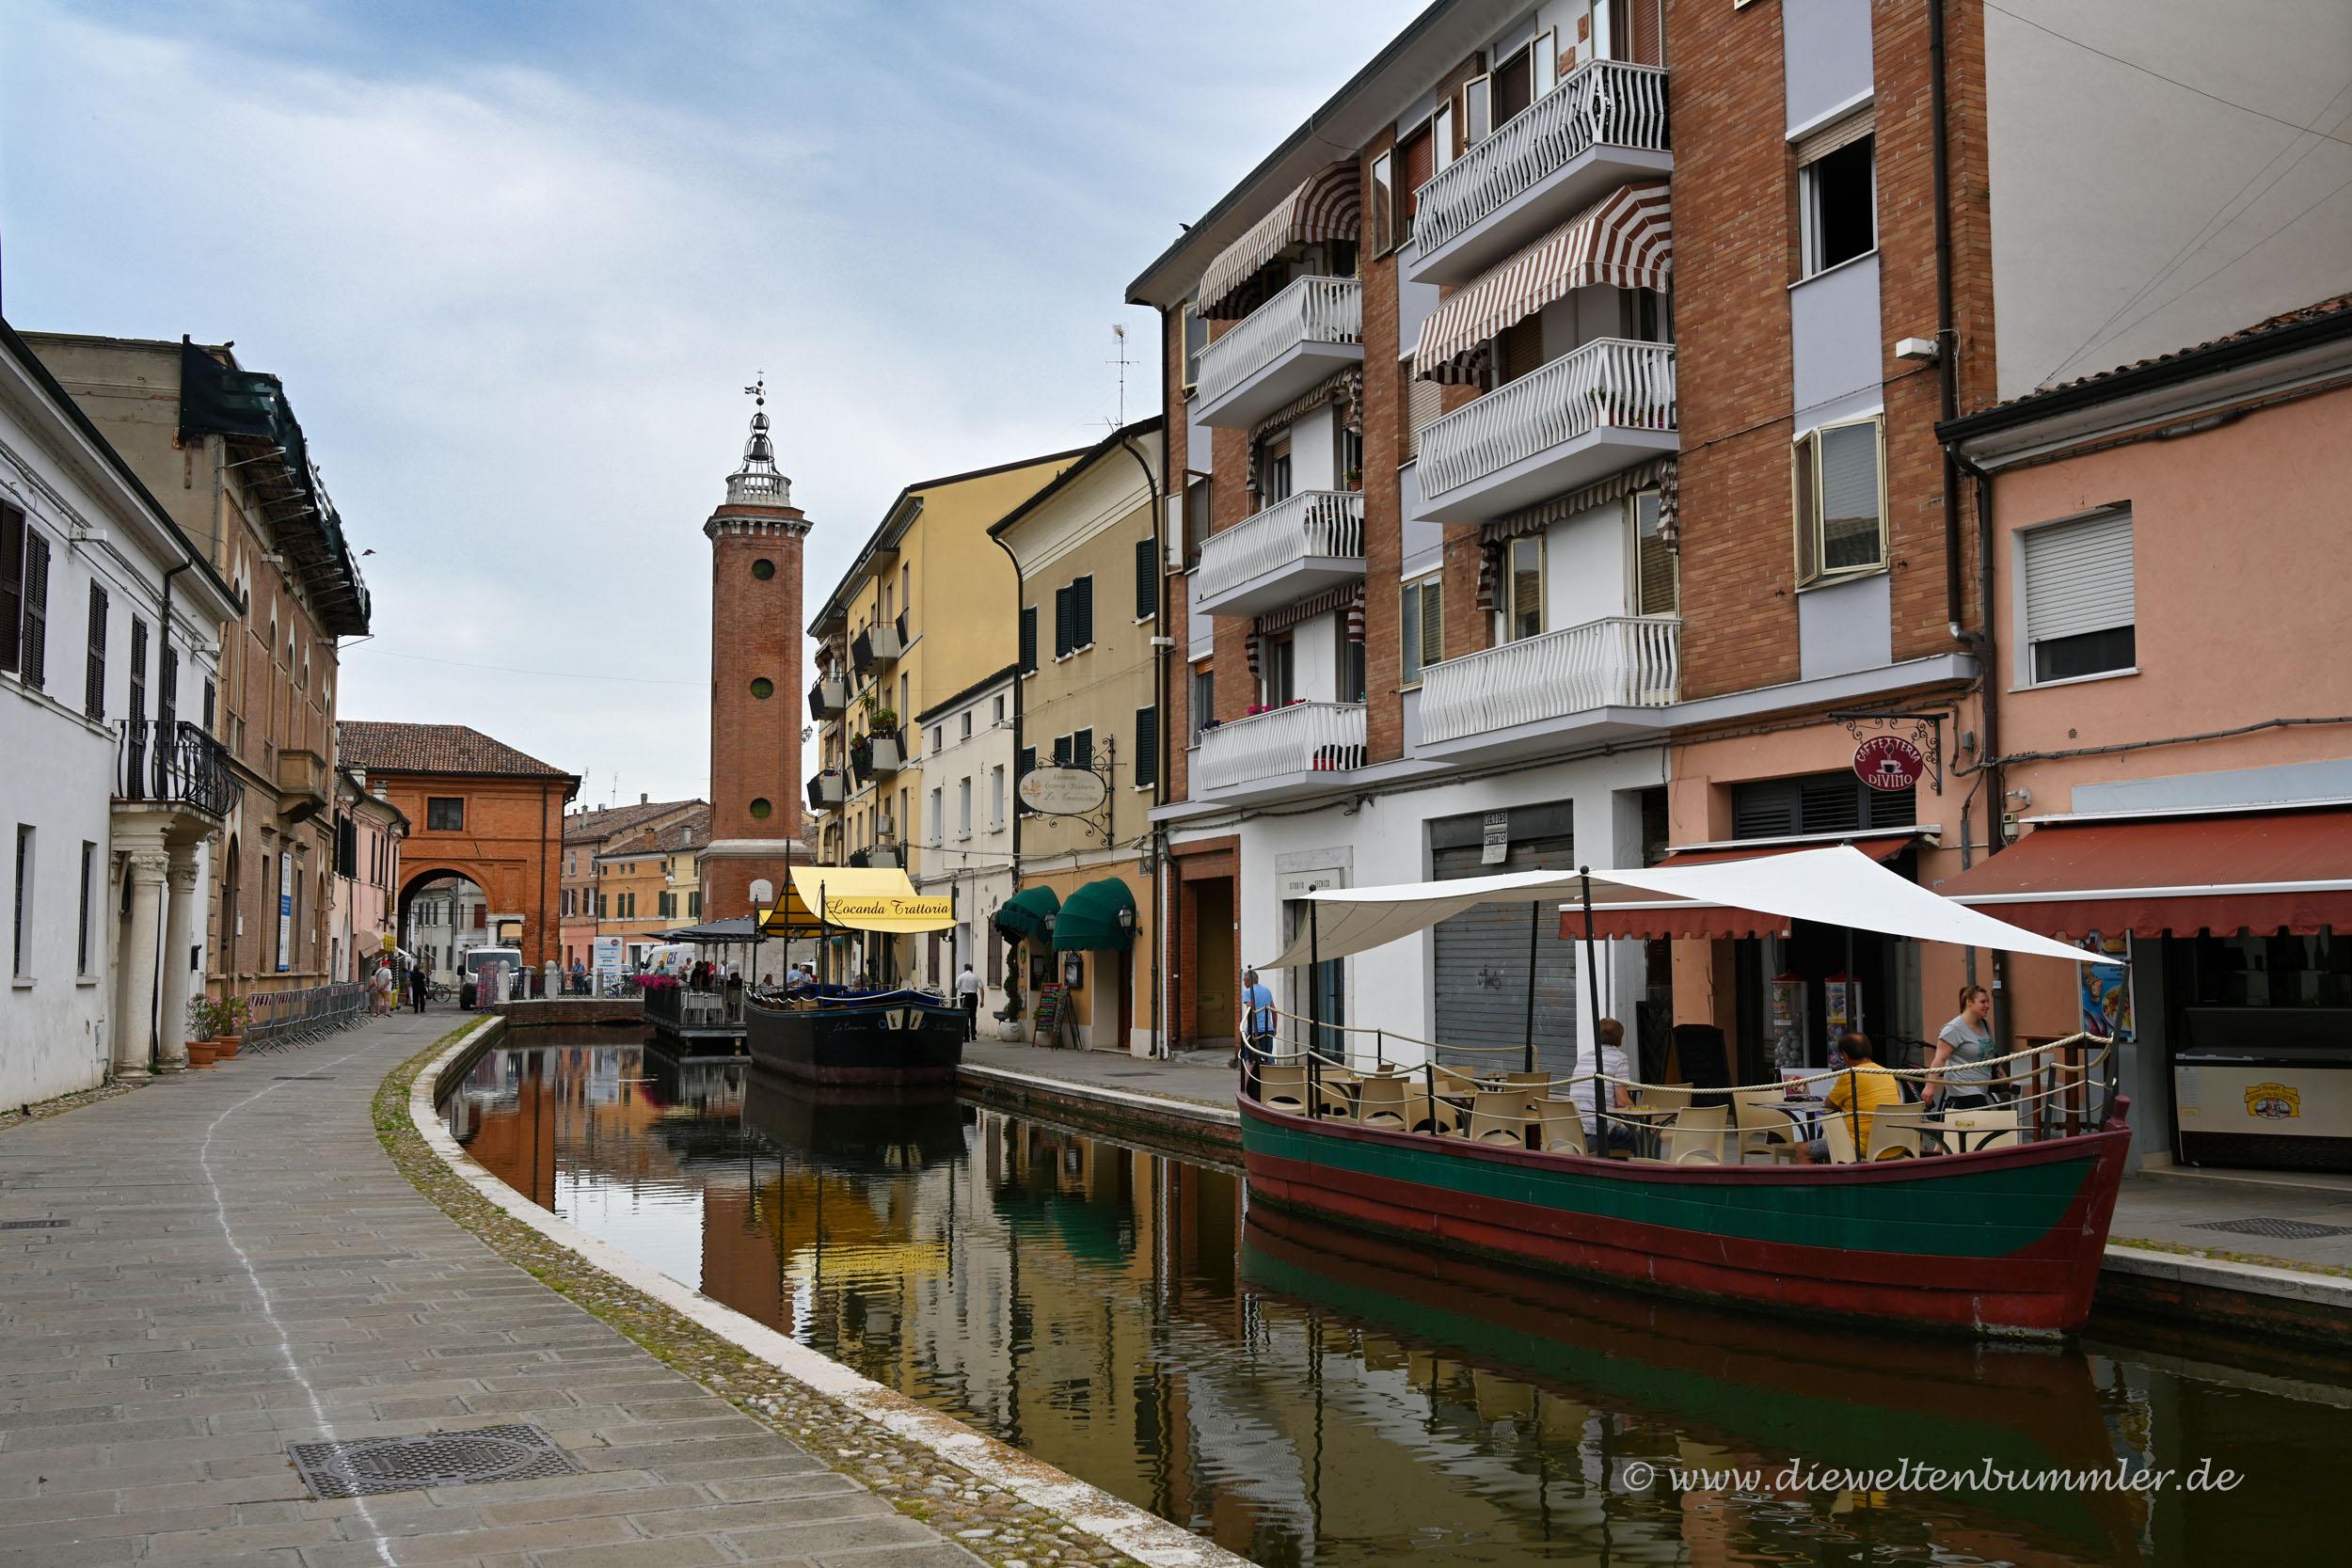 Altstadt mit Kanälen